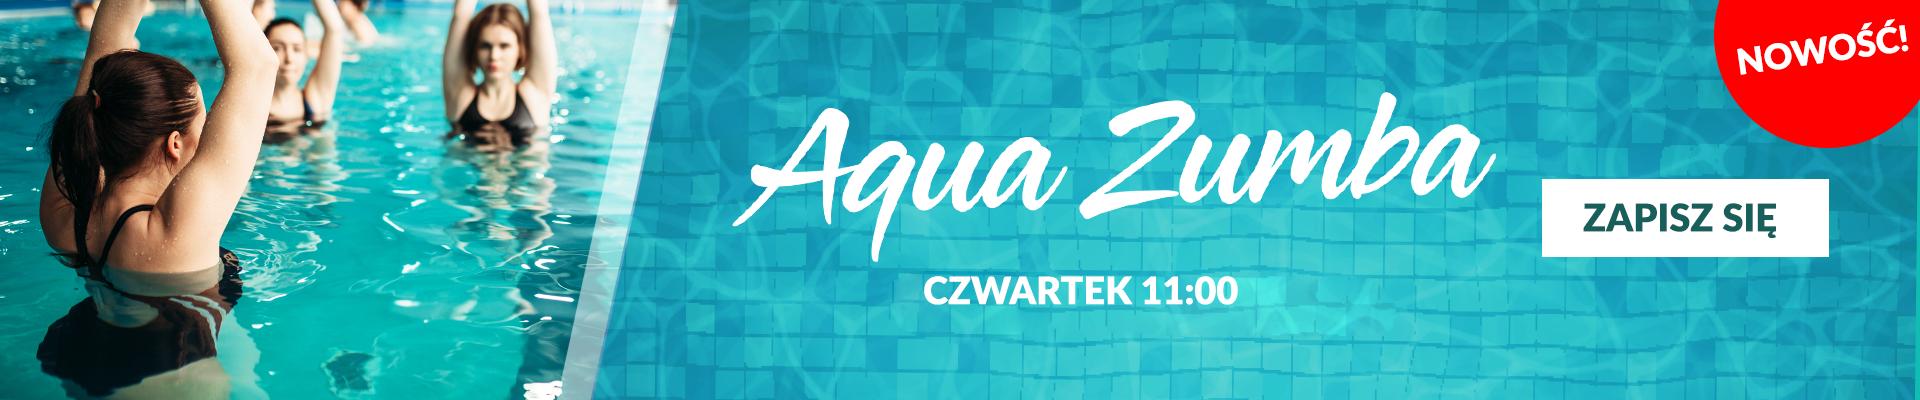 Aqua zumba – nowość!